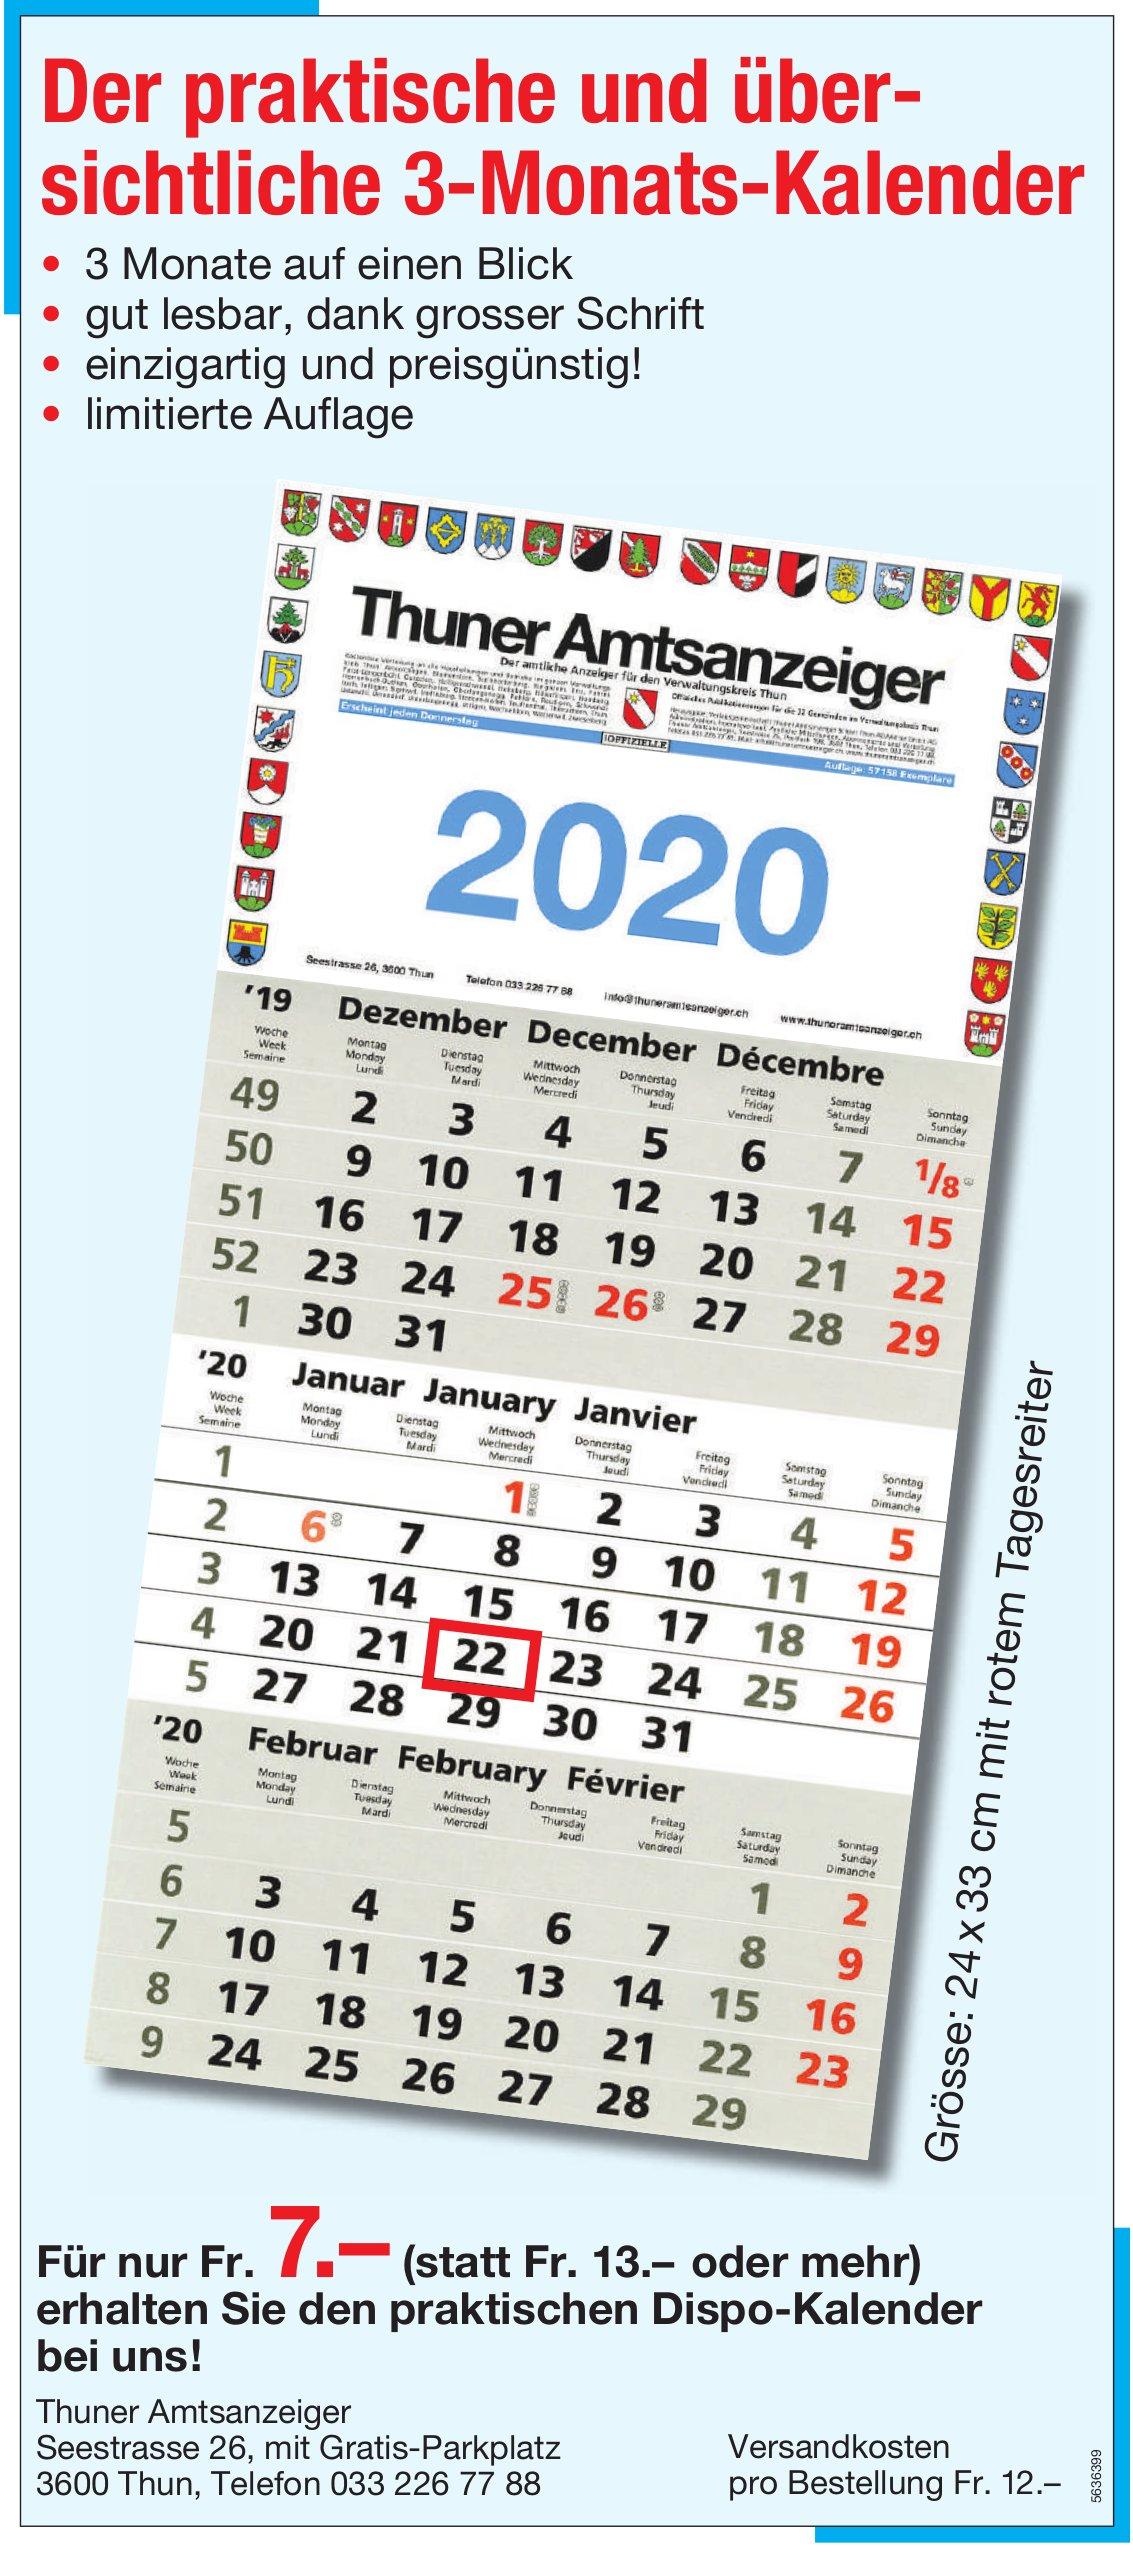 Thuner Amtsanzeiger - Der praktische und über- sichtliche 3-Monats-Kalender